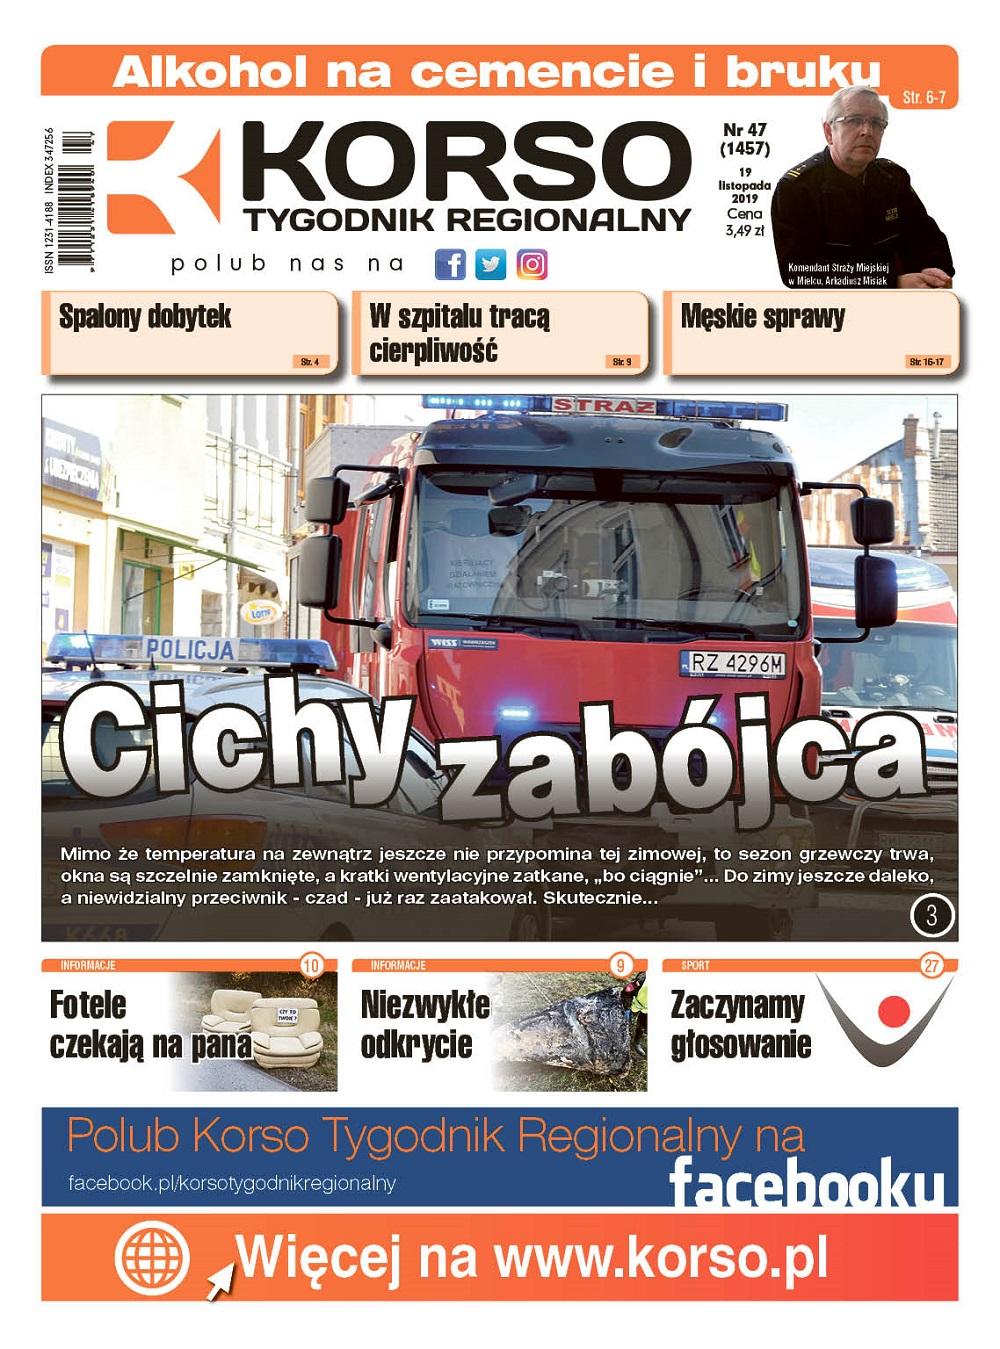 Tygodnik Regionalny Korso nr 47/2019 - Zdjęcie główne